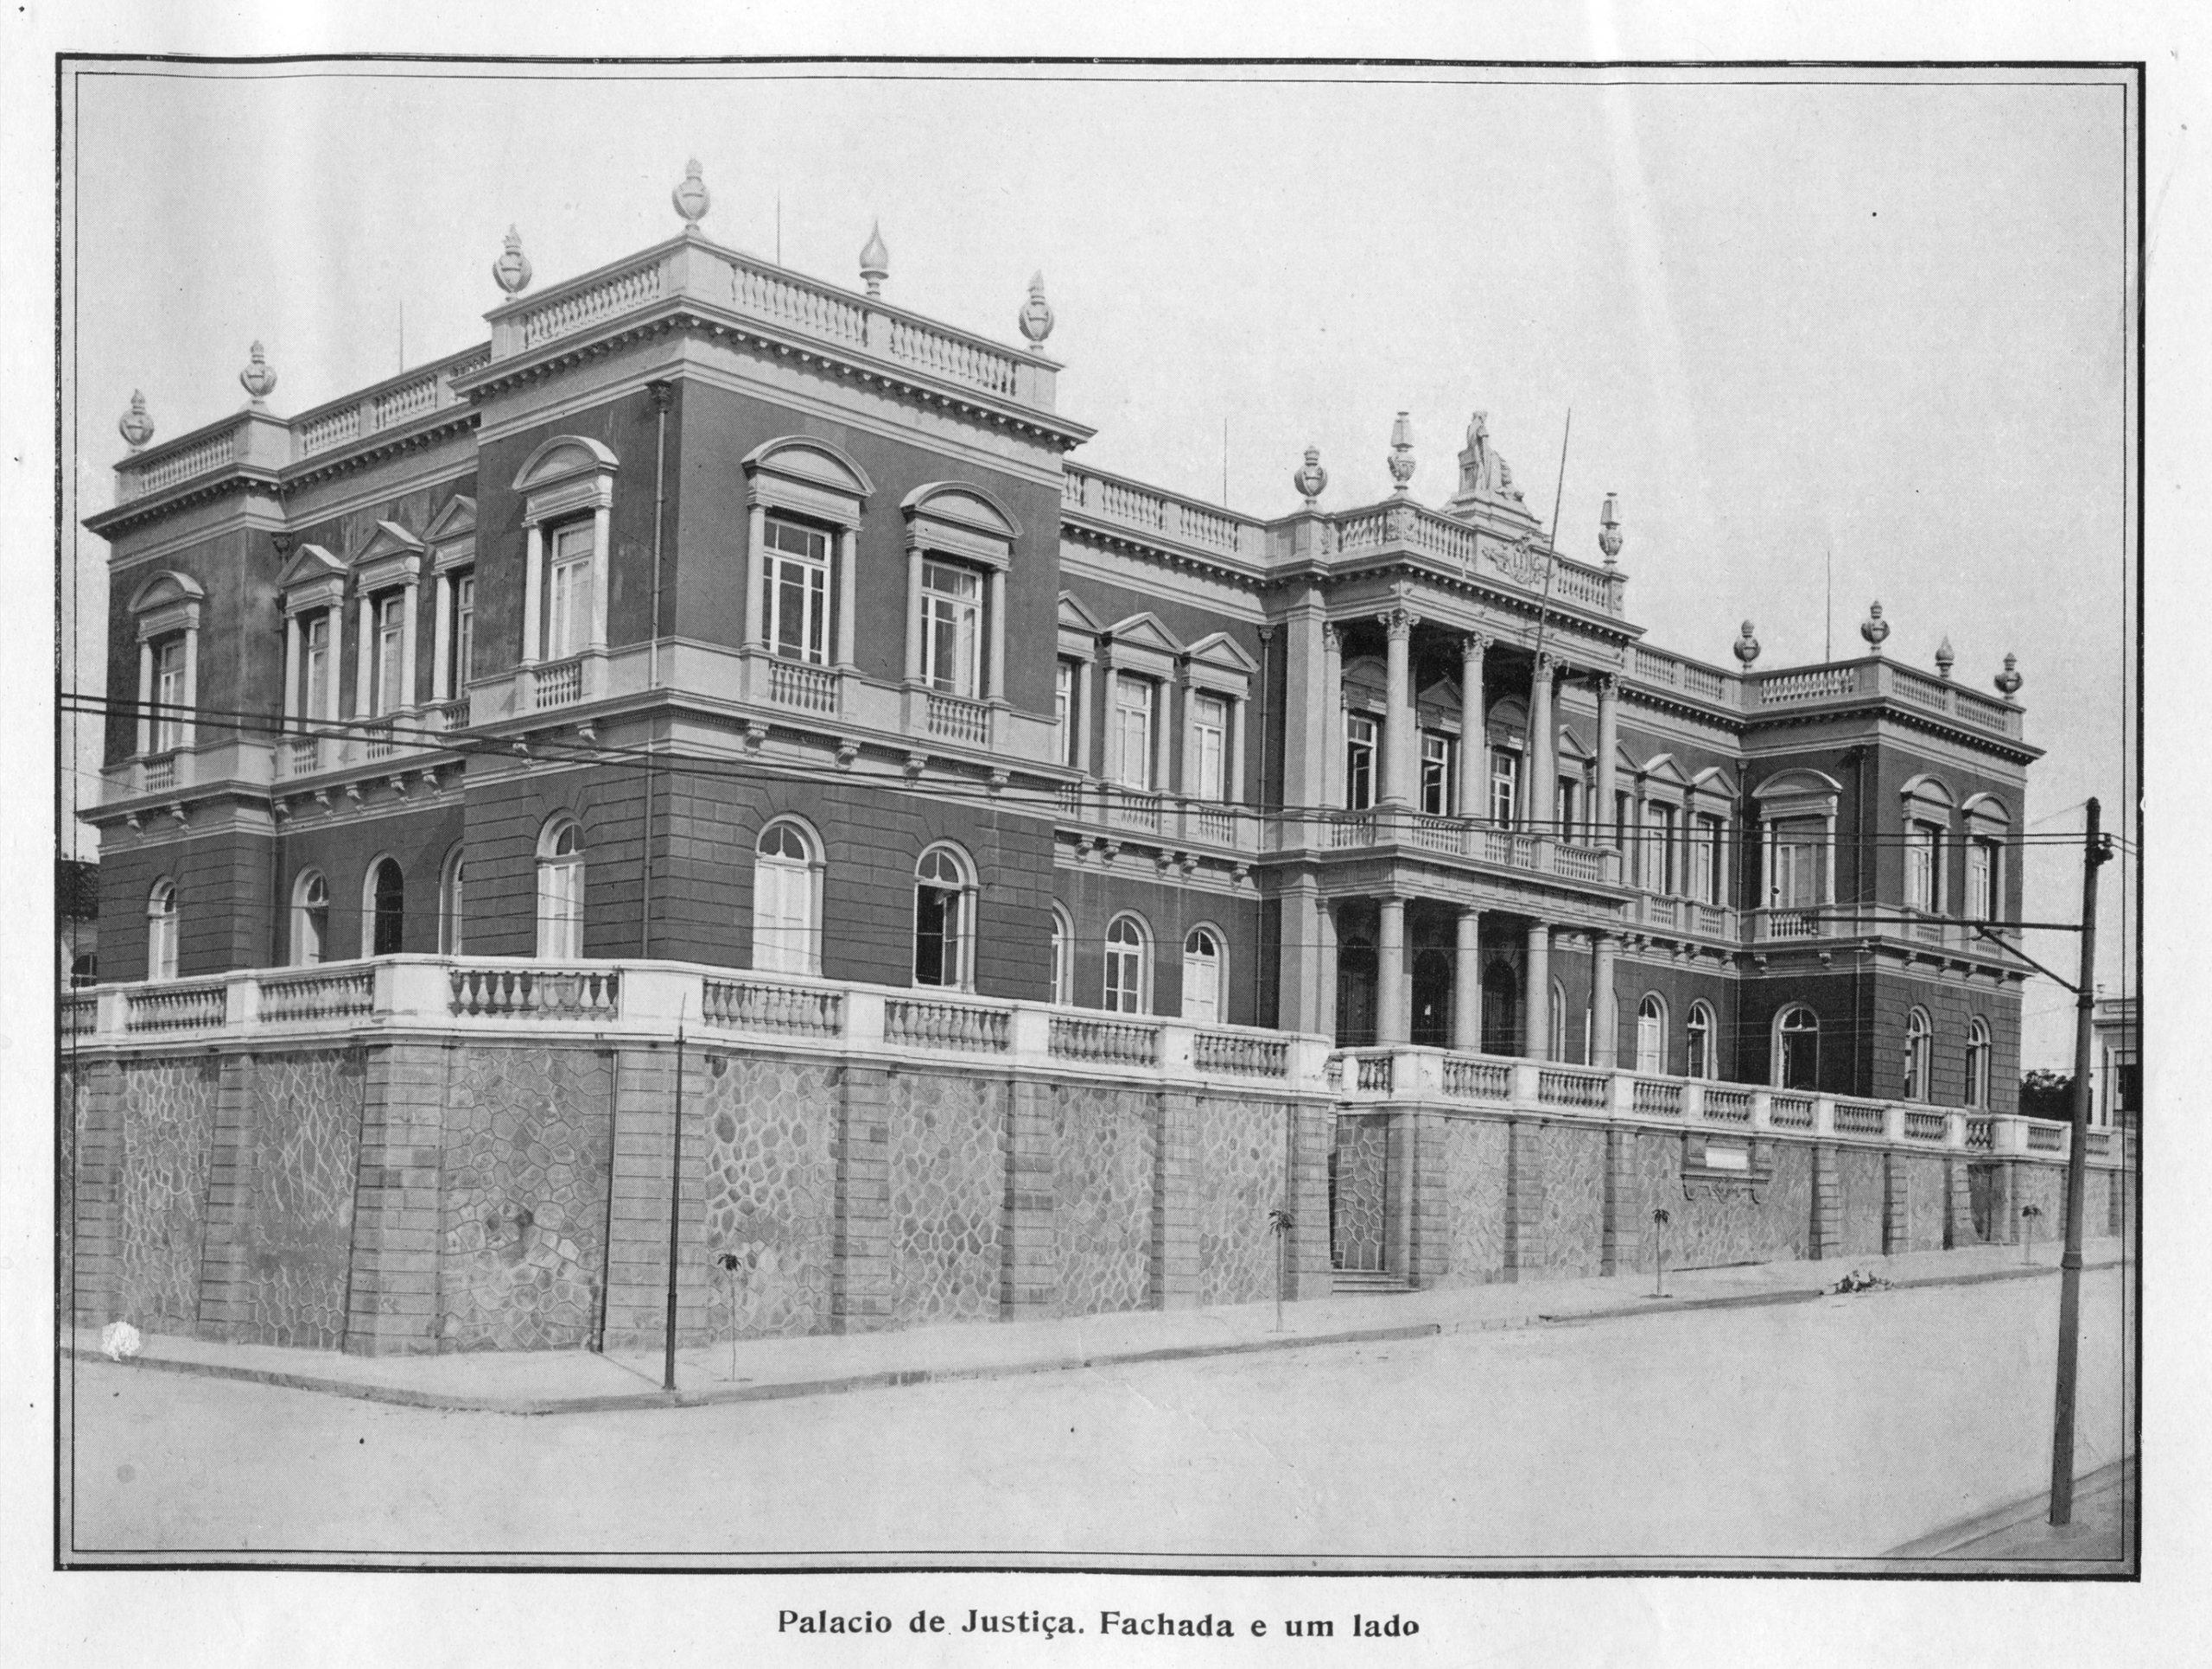 A Fachada do Palácio da Justiça